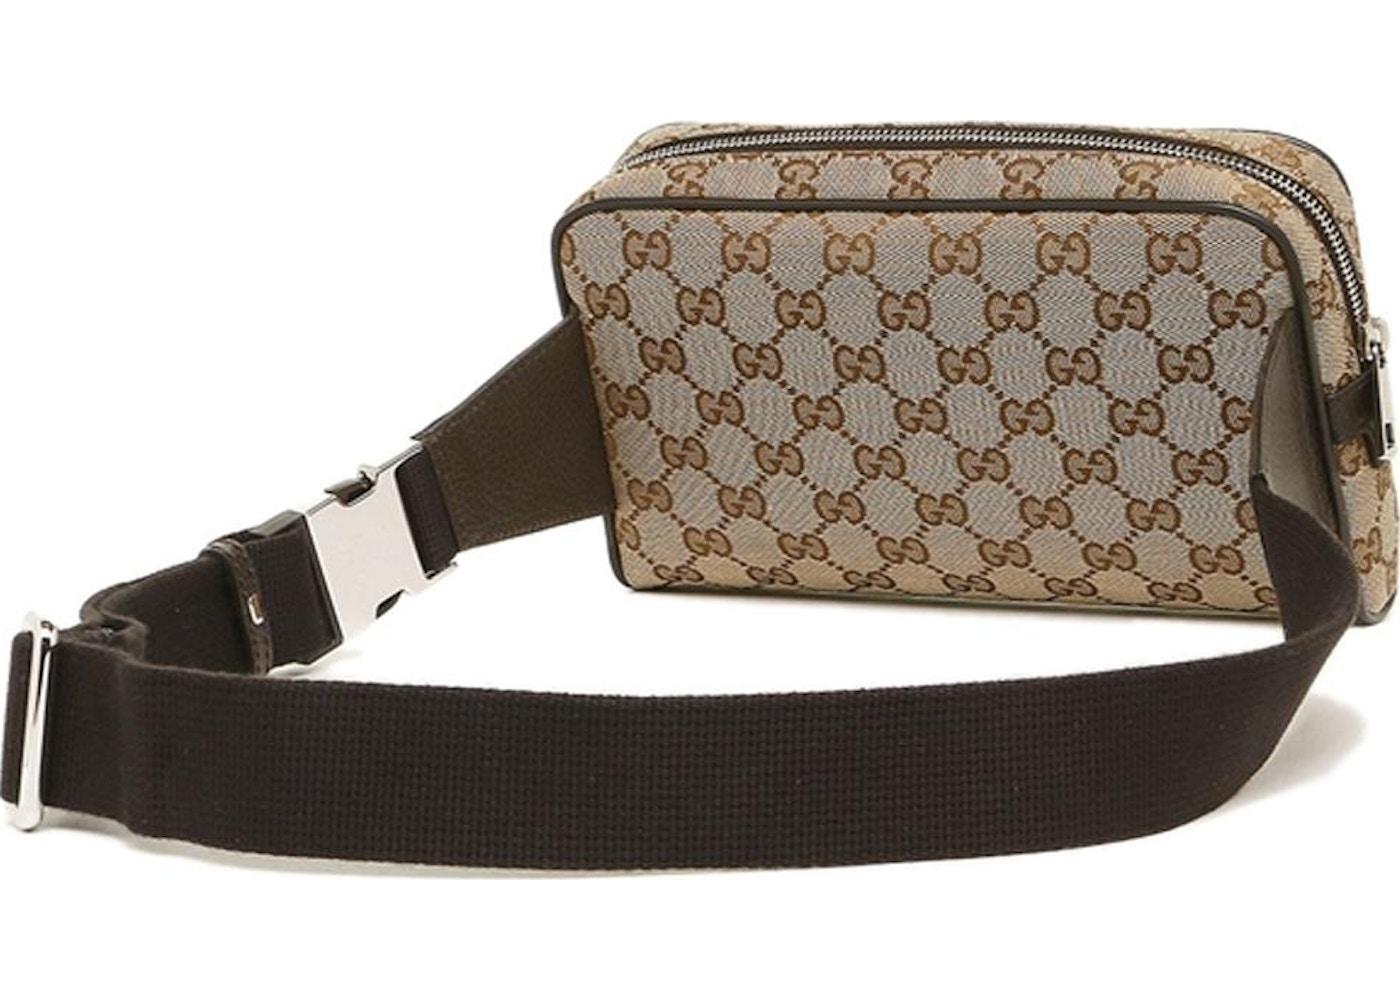 7c5ca4e7d16c Gucci Waist Bag GG Supreme Small Beige/Black